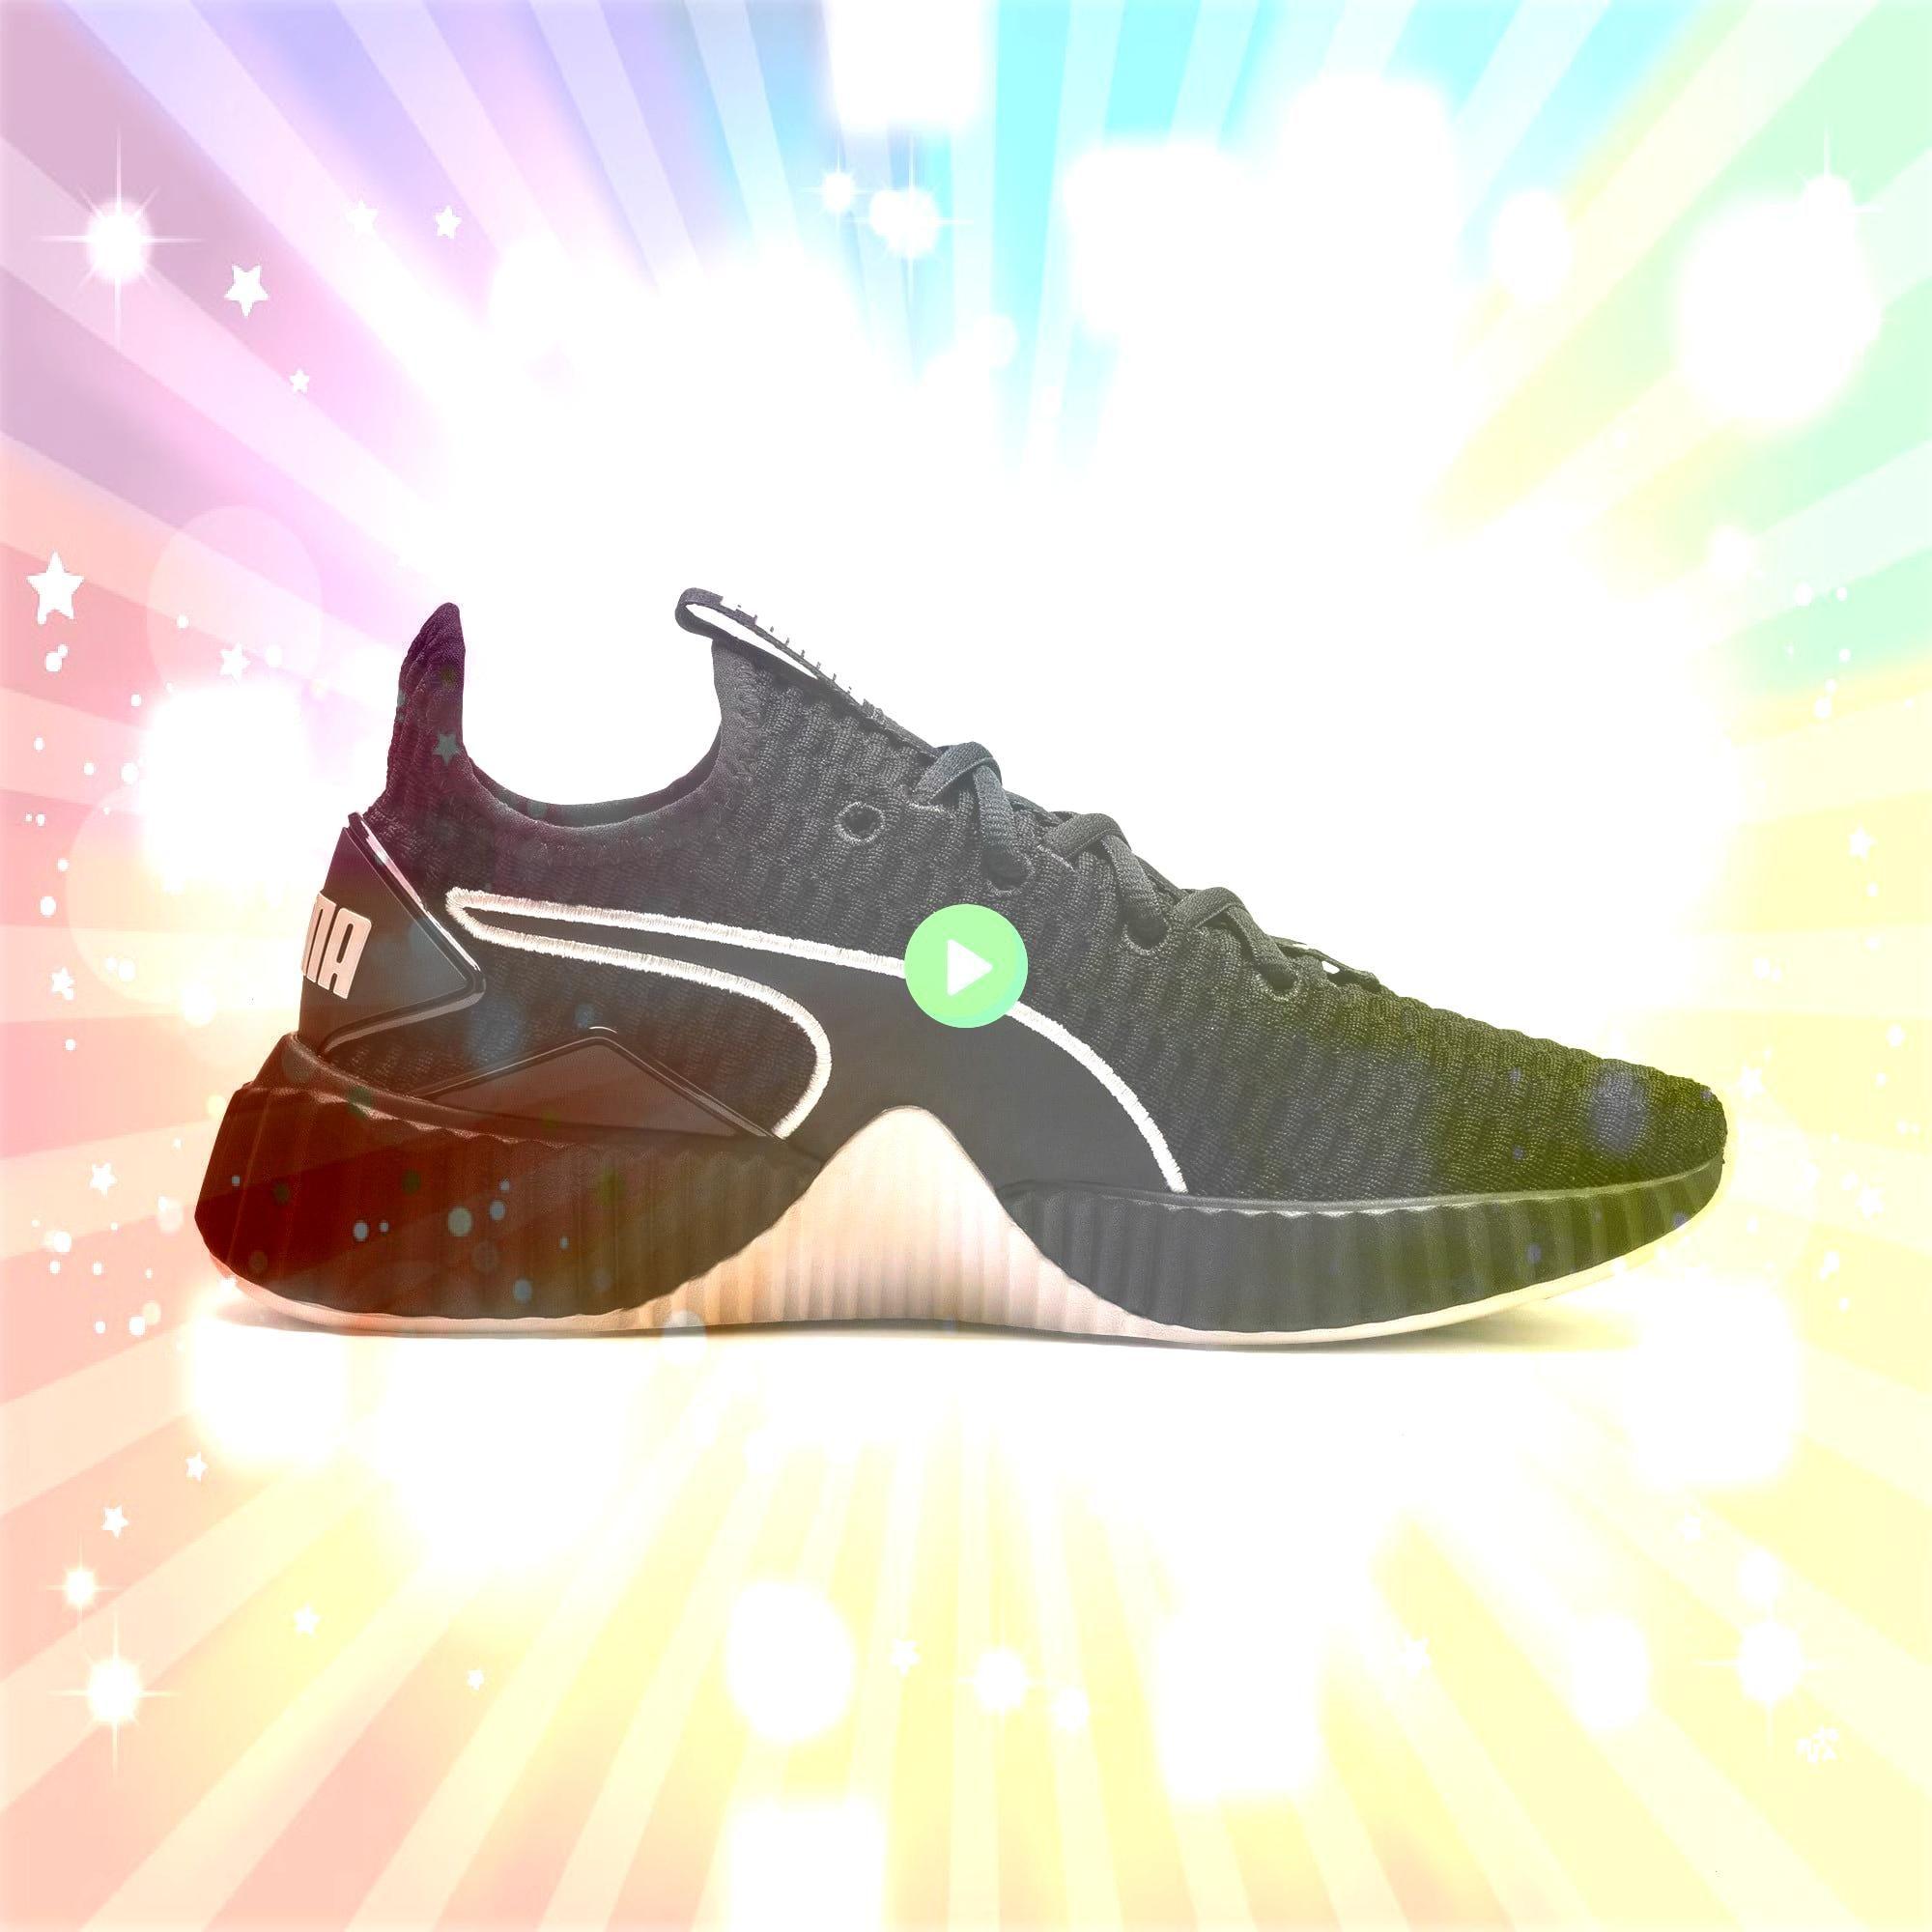 Defy Womens Trainers in BlackPastel Parchment size 35 PUMA Defy Damen Sneaker in Schwarz  Pastell Pergament Größe 35PUMA Defy Womens Trainers in BlackPastel Pa...